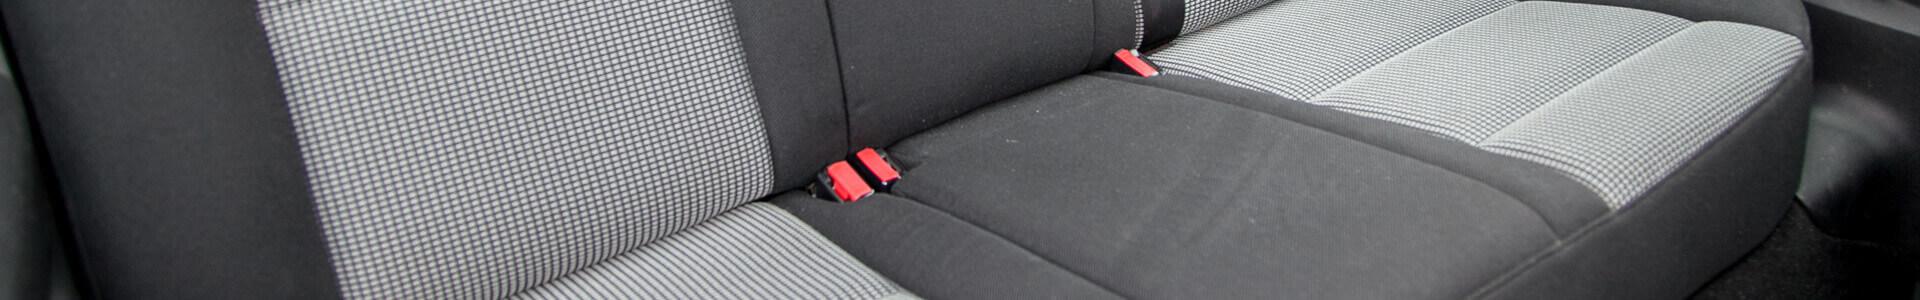 anleitung autositz neu beziehen schritt f r schritt erkl rt. Black Bedroom Furniture Sets. Home Design Ideas